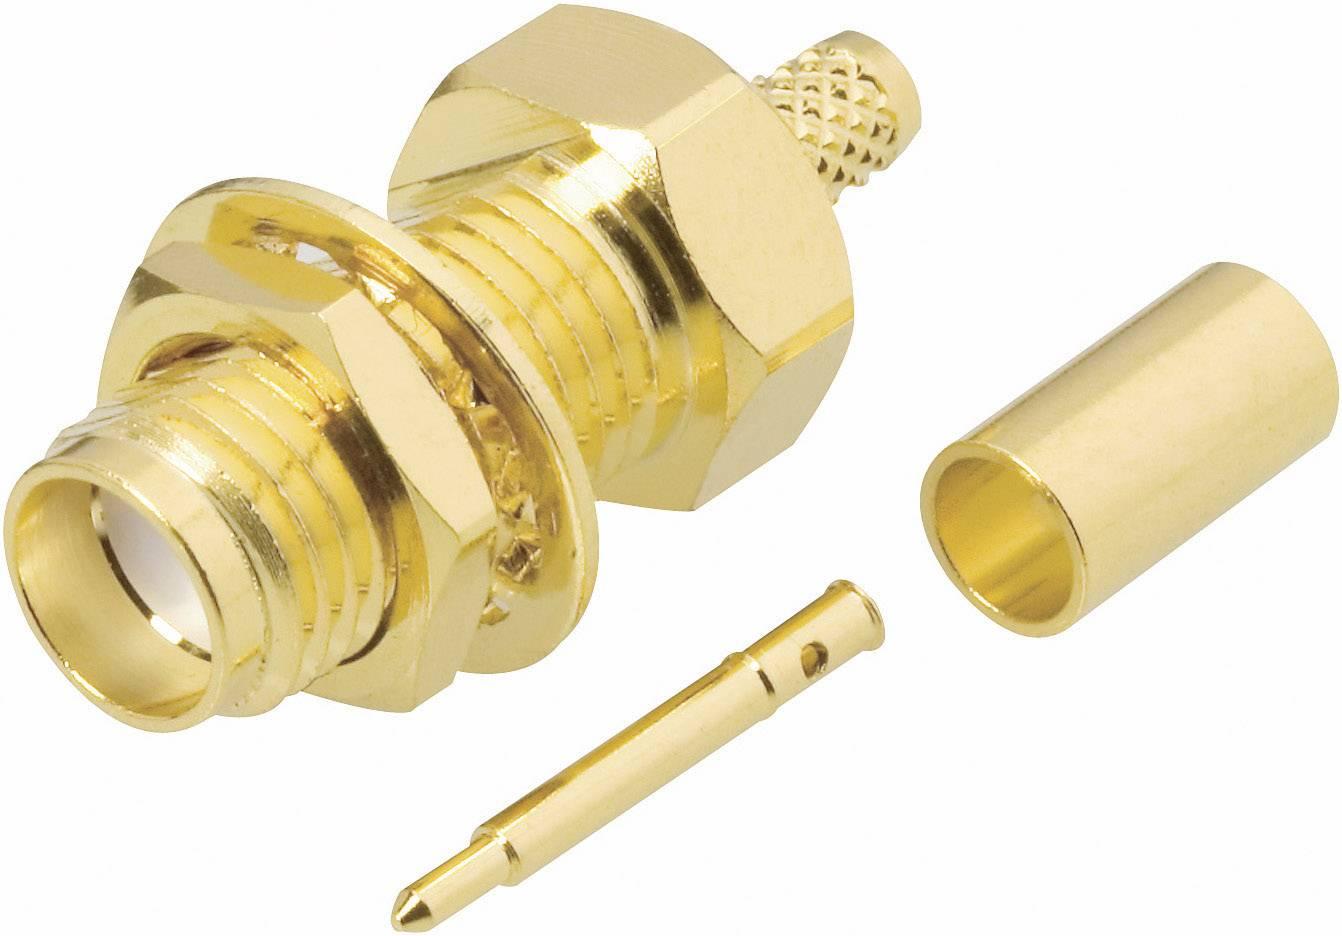 SMA reverzný konektor BKL 419007, 50 Ω, zásuvka vstavaná RG 174